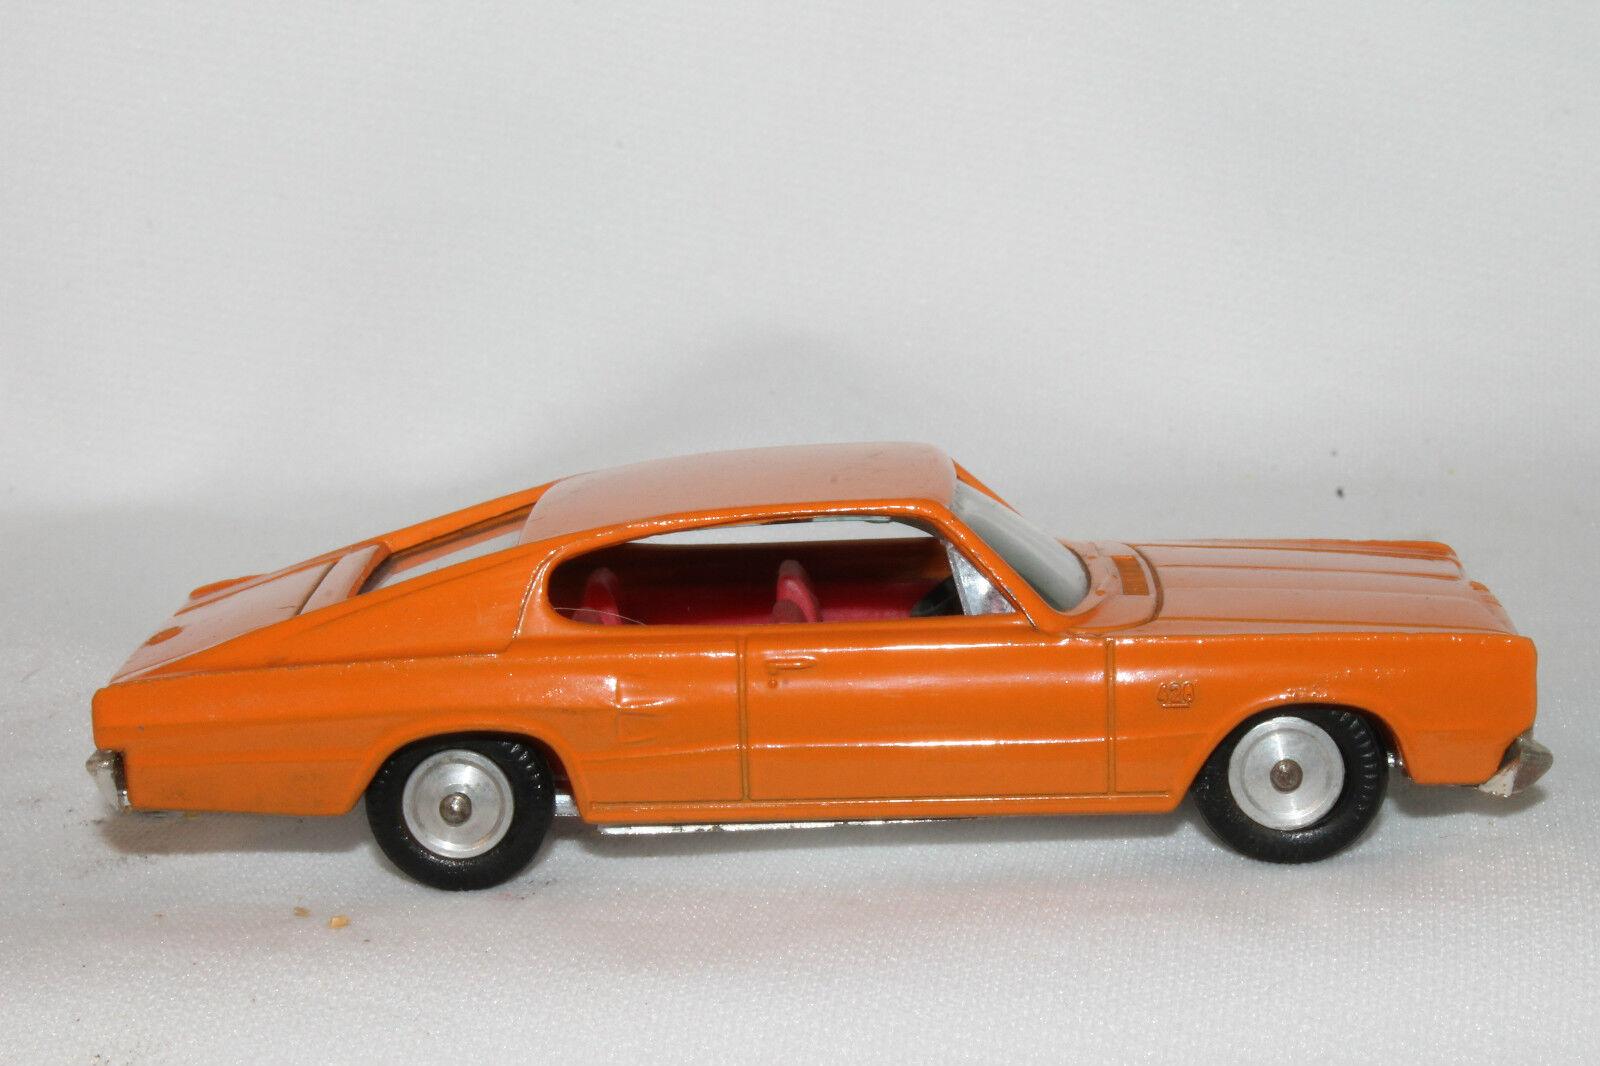 1966 Dodge Charger, Orange, GAMDA KOOR SABRA échelle 1 43, Fabriqué en Israël, Nice